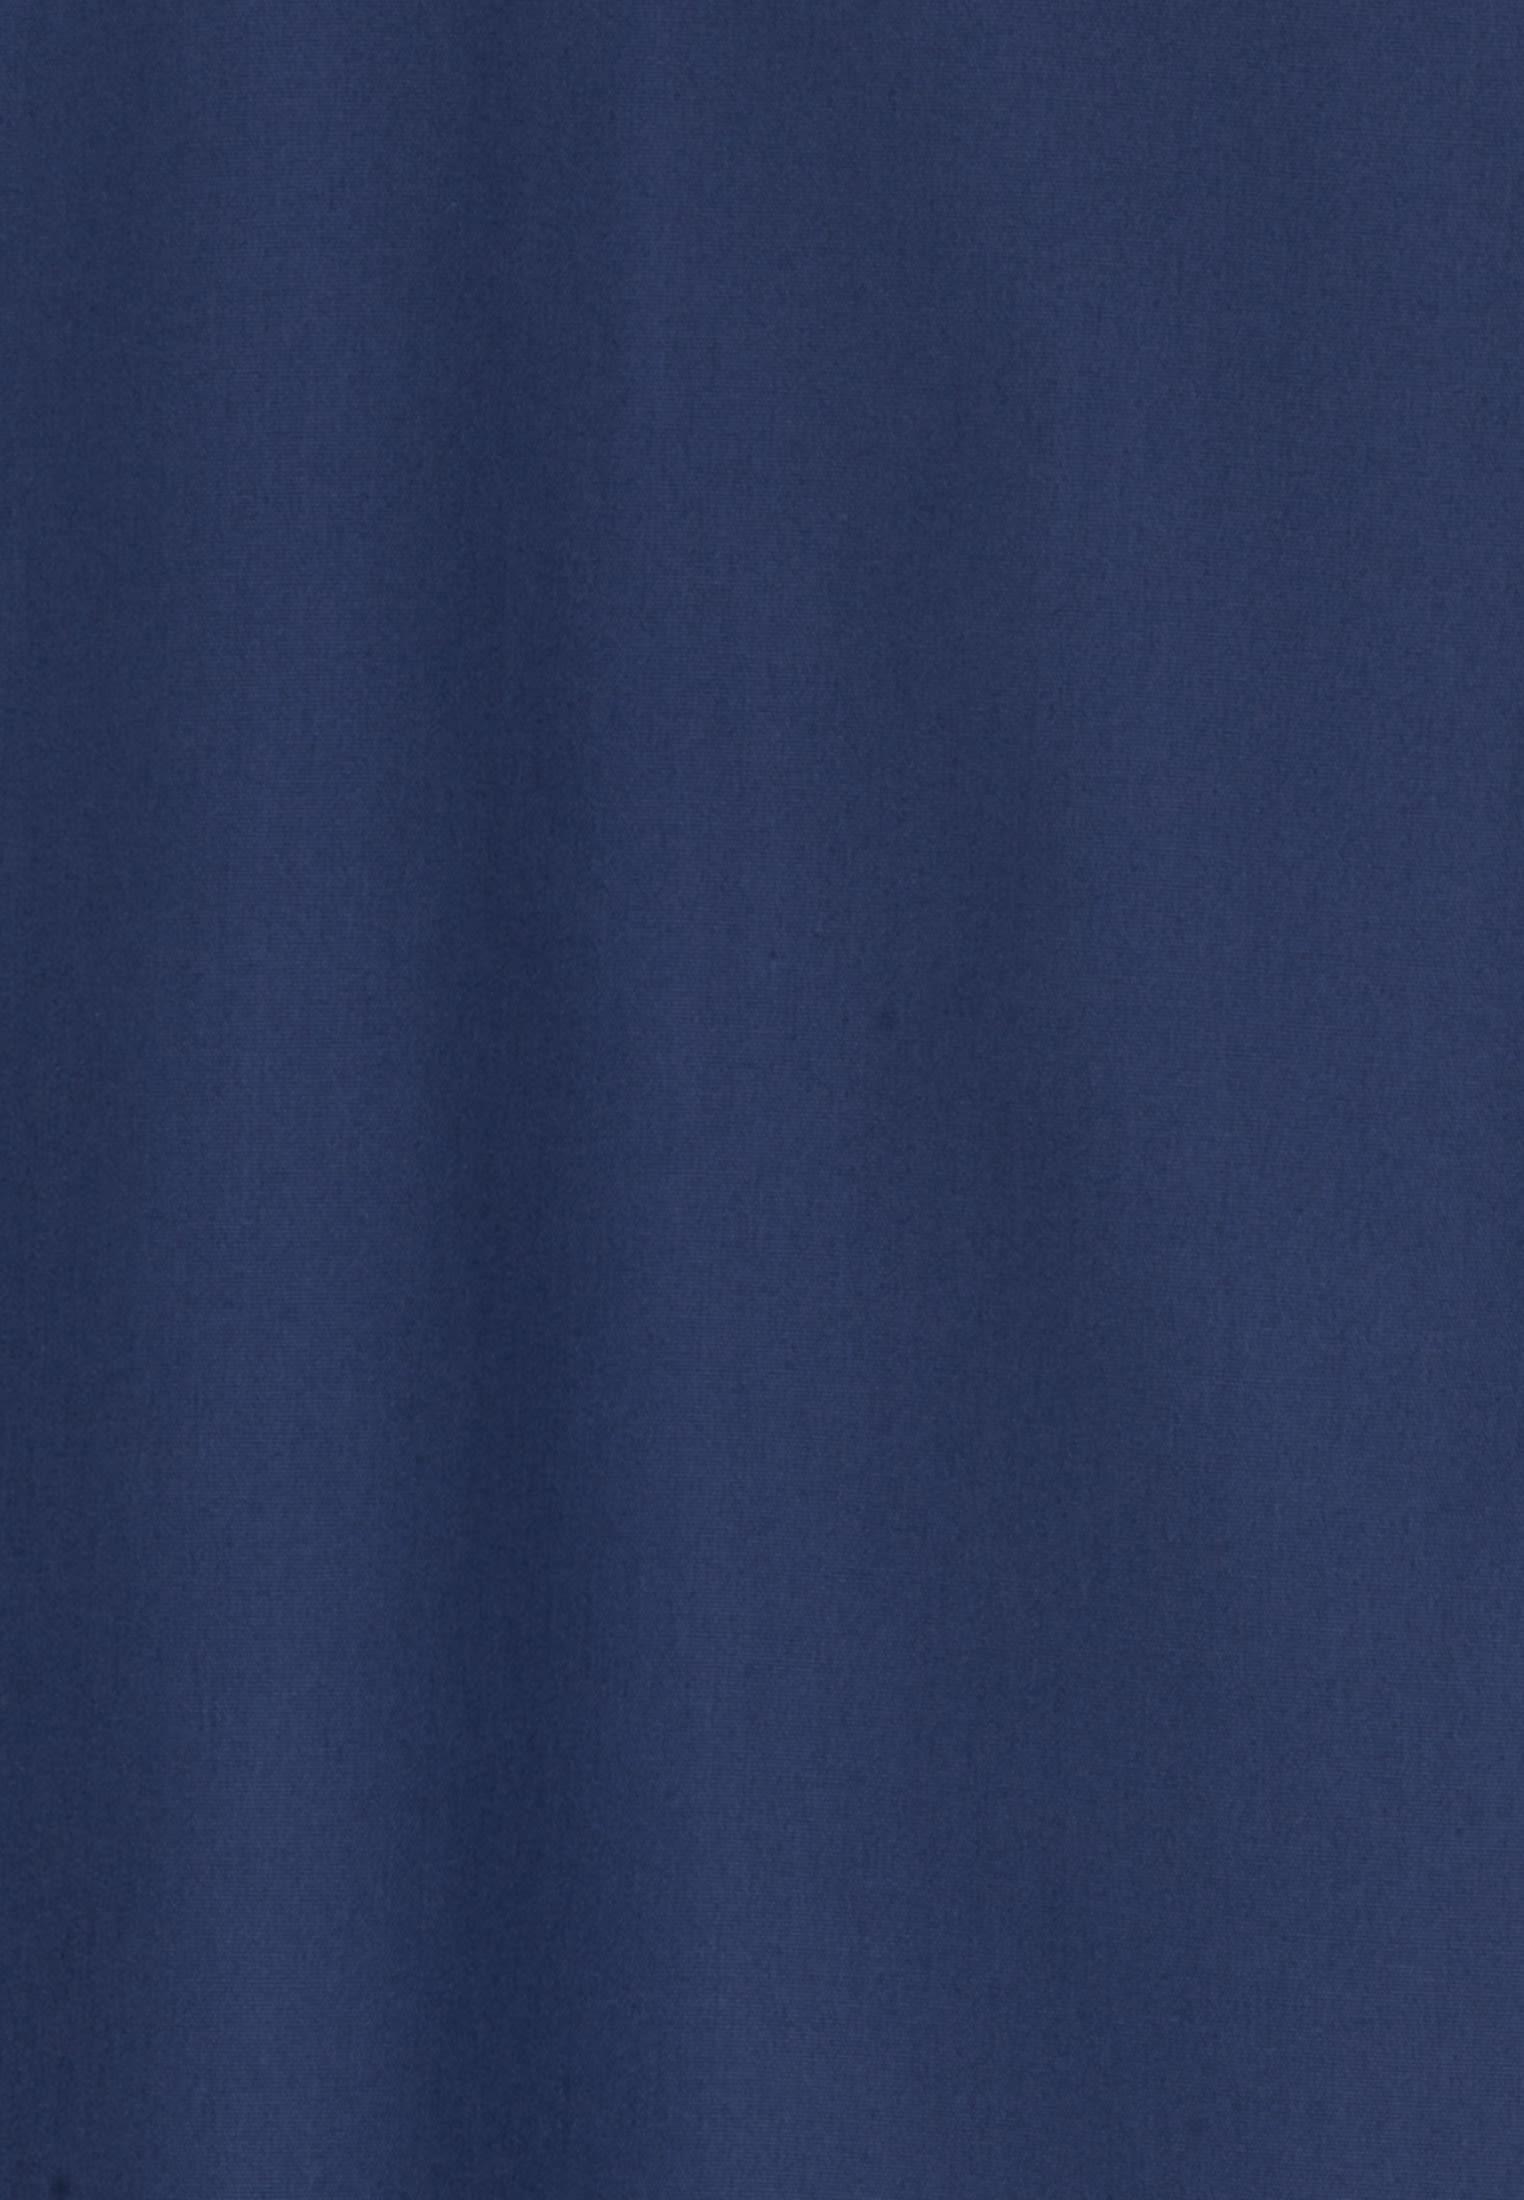 Bügelfreie Fil a fil Hemdbluse aus 100% Baumwolle in Dunkelblau |  Seidensticker Onlineshop